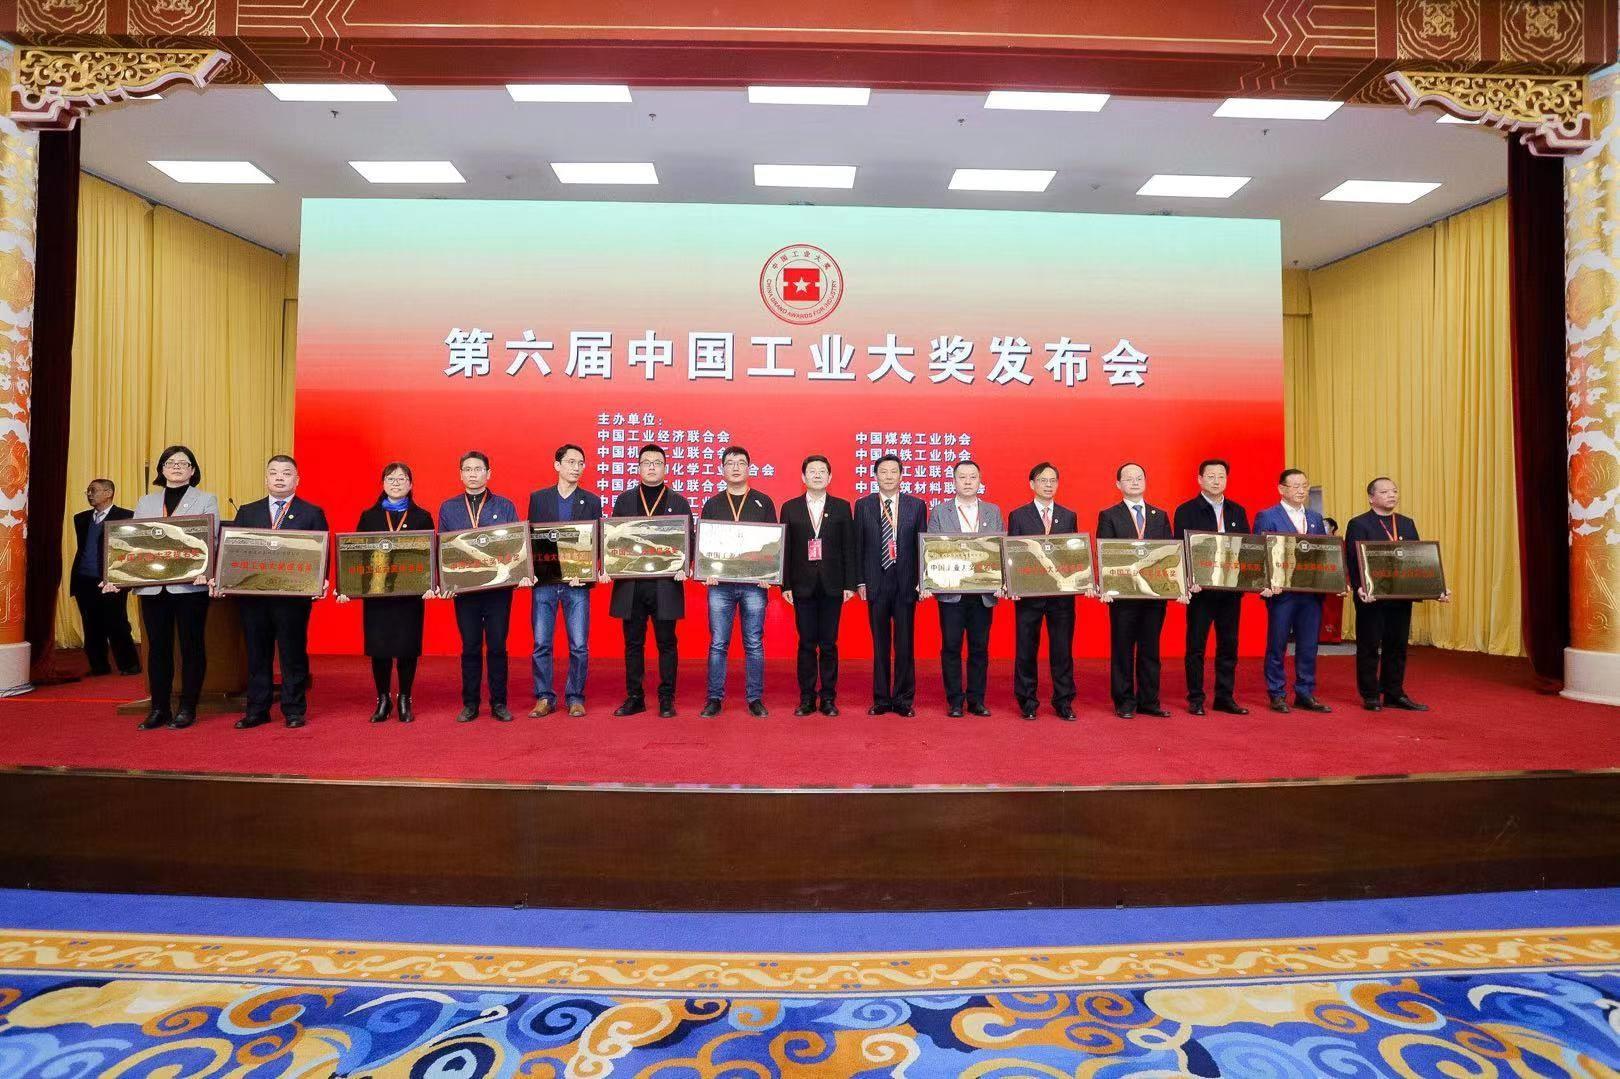 喜讯|亚威股份入围第六届中国工业大奖